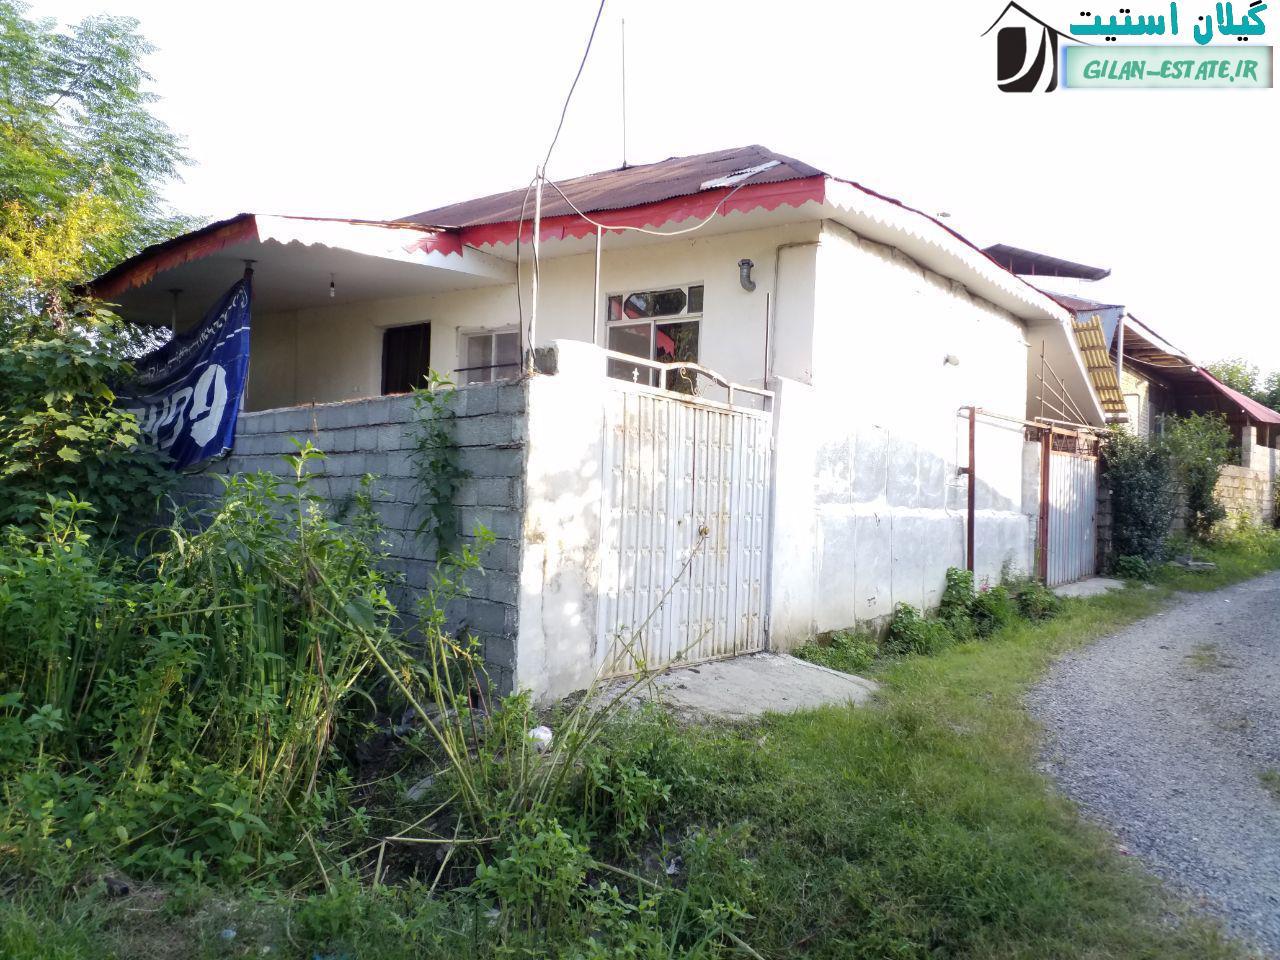 فروش ویلا باز سازی شده 200 متری رودسر